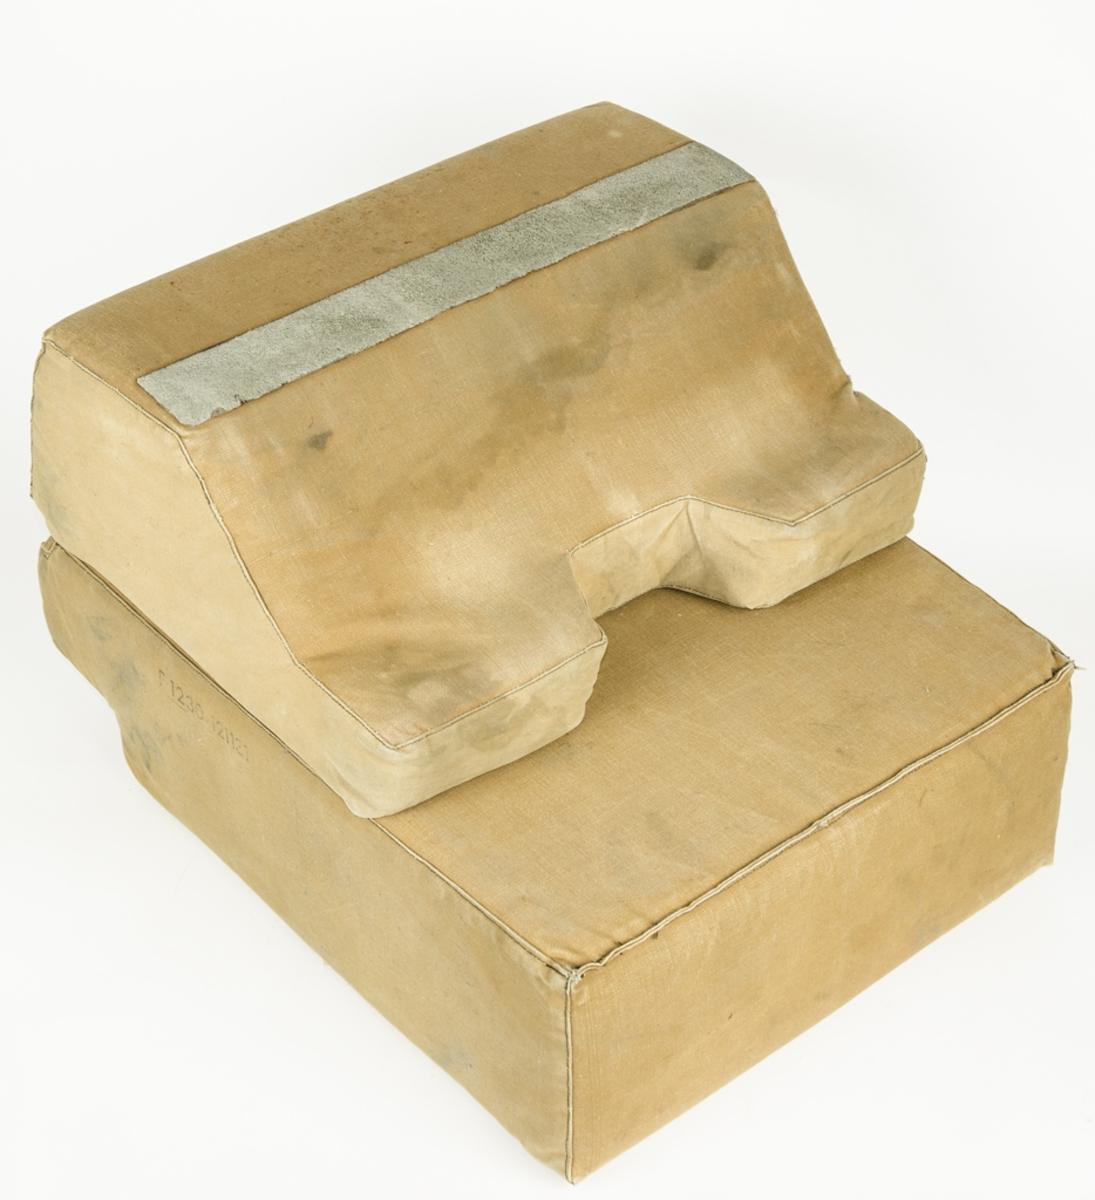 Sittdyna i tyg för flygplansstol.